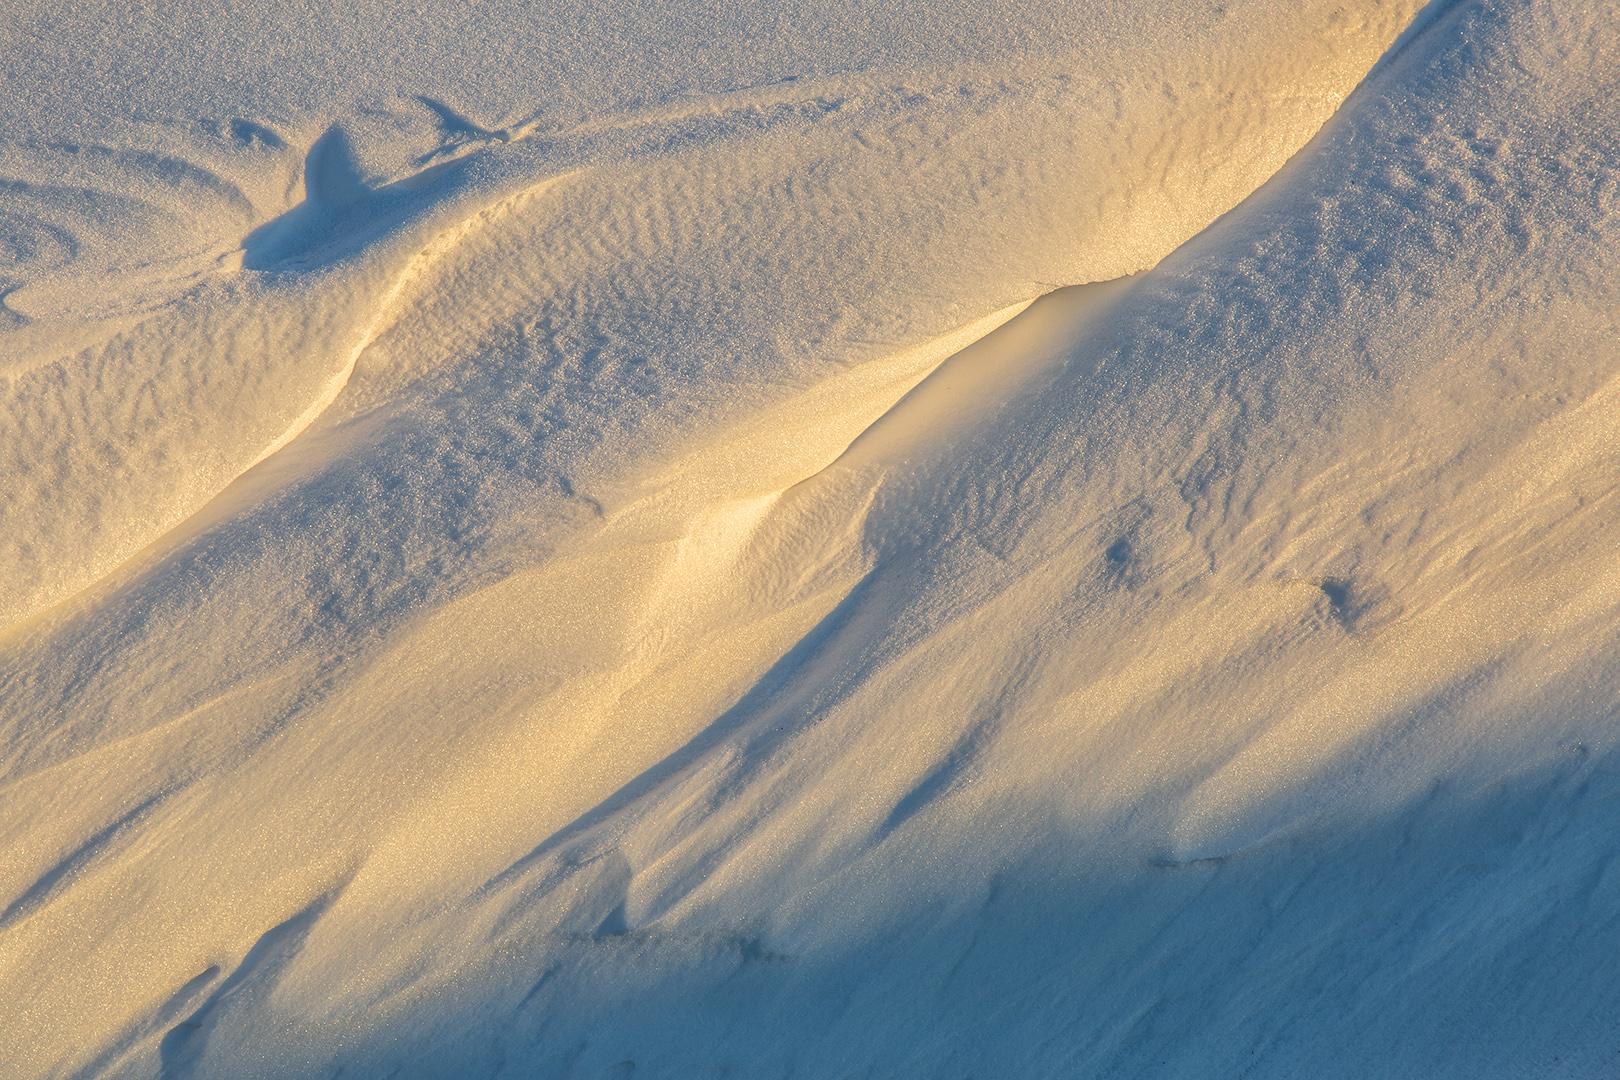 6165 Sneeuwduin 13-02-2021 B_nv_1620